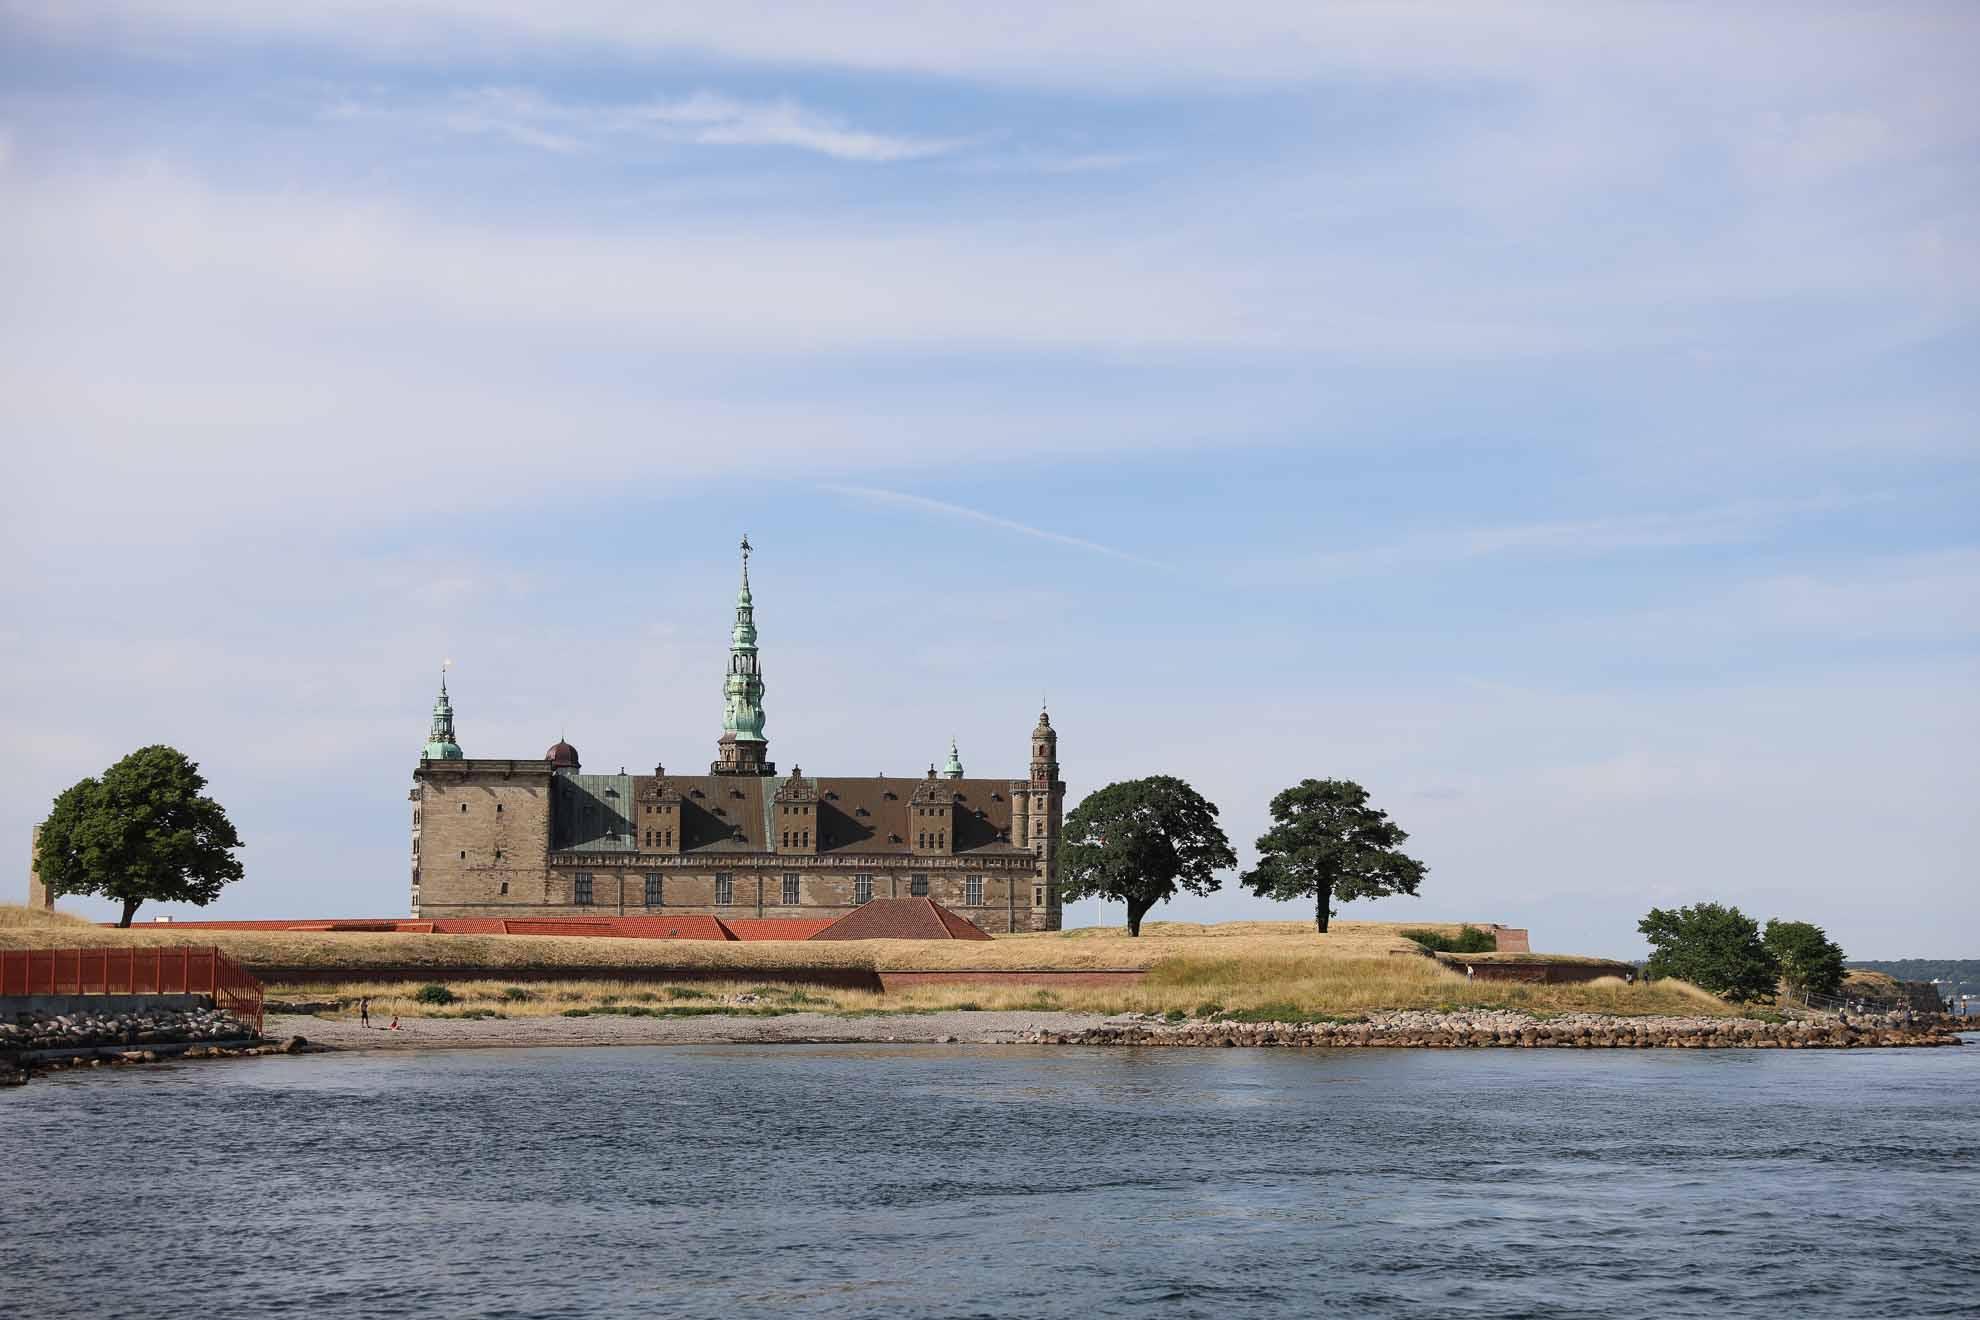 Der nächste Stopp verspricht ein Highlight – Malaika läuft Helsingør – auf Englisch Elsinore – am Öresund an.